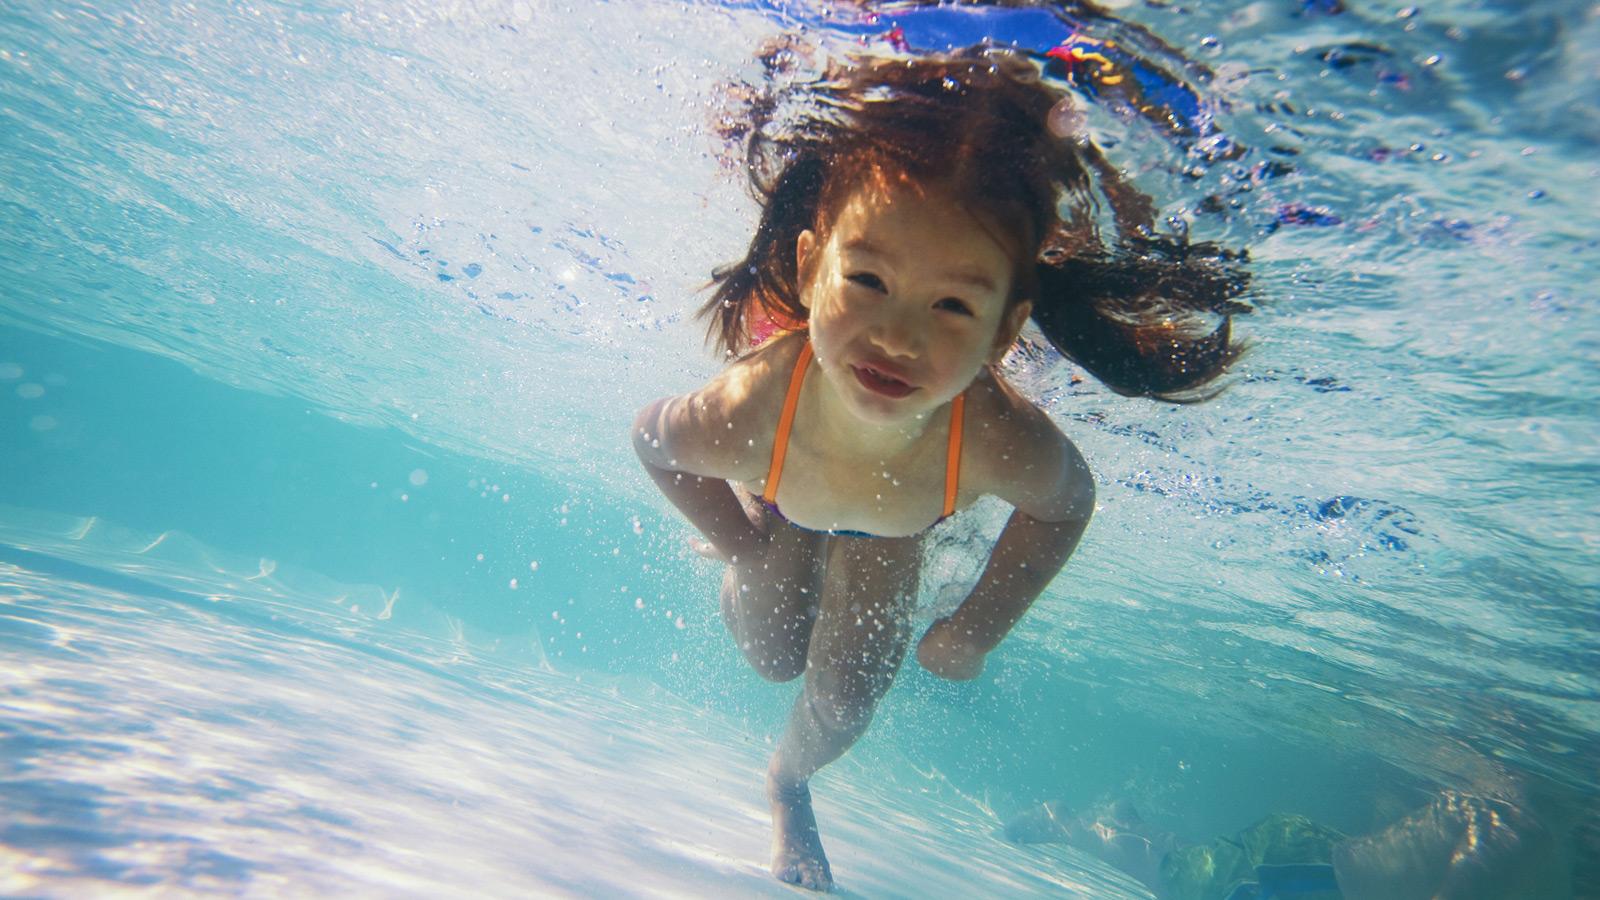 Unterwasserfotografie - Tipps, Tricks und Zubehör für das Unterwasser Fotoshooting